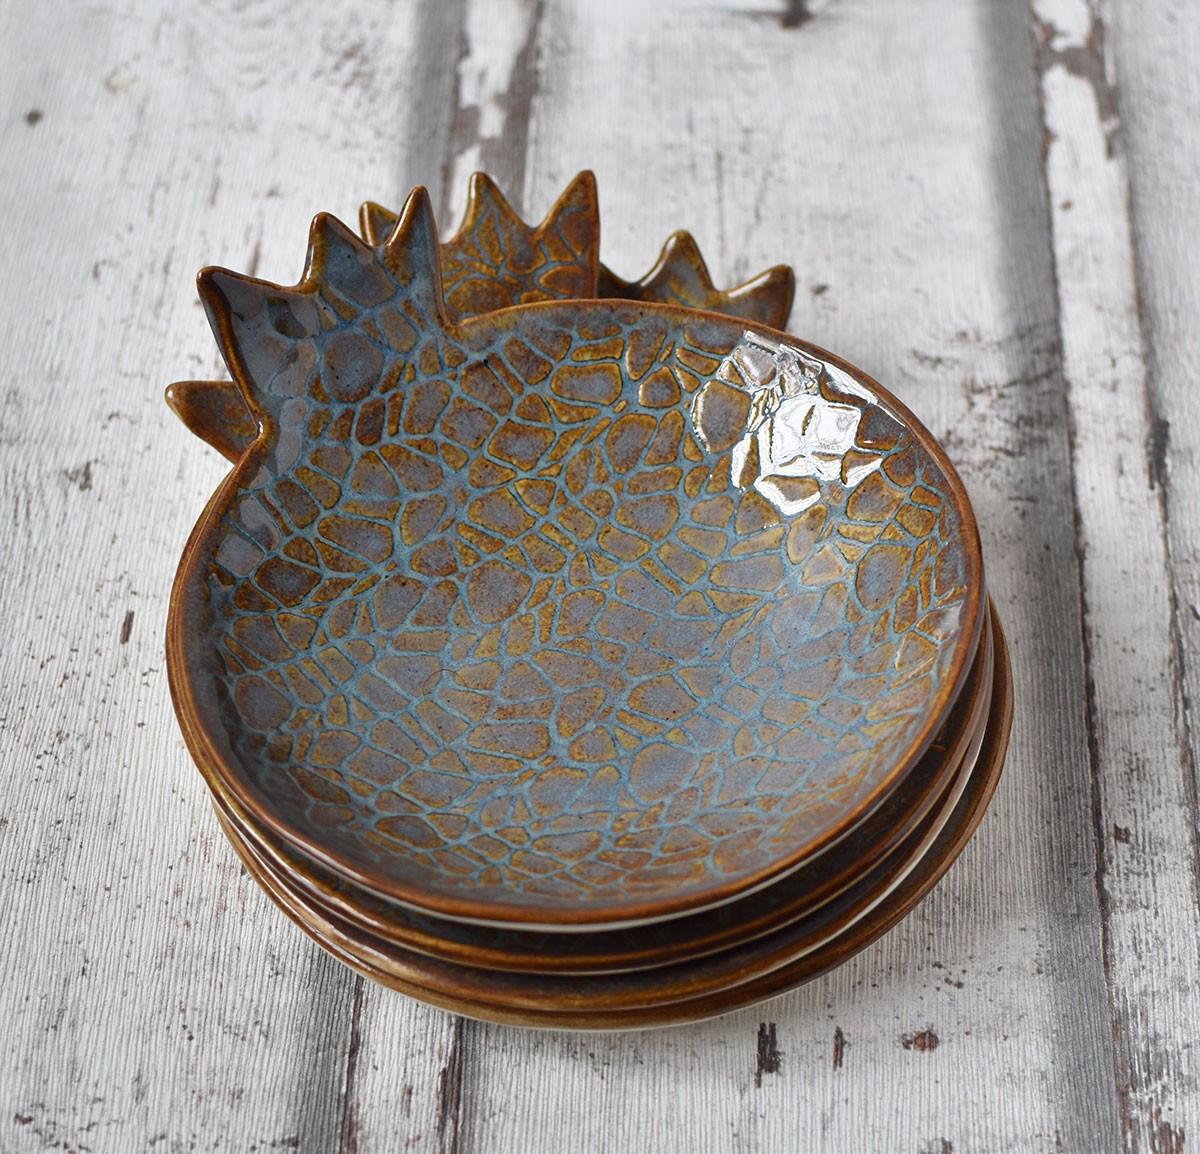 картинка Декоративная тарелка в форме граната - DishWishes.Ru